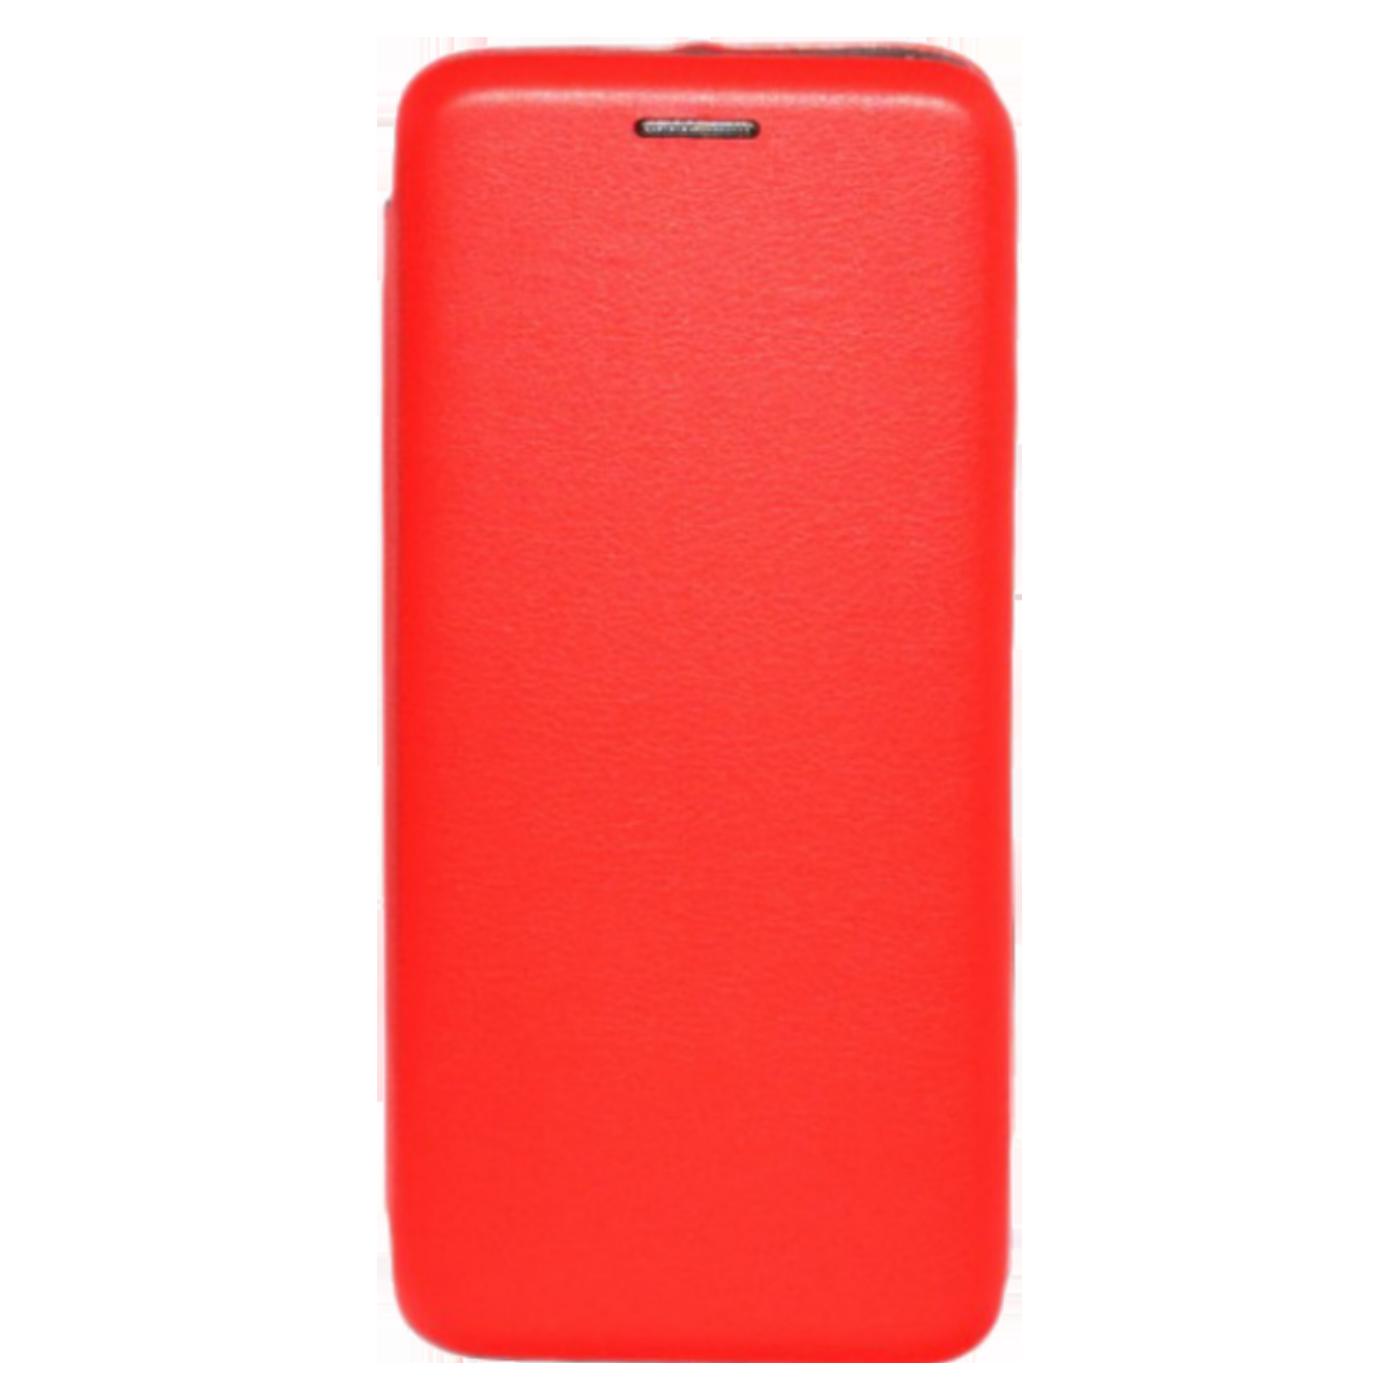 Futrola za mobitel Samsung S8, FLIP, crvena